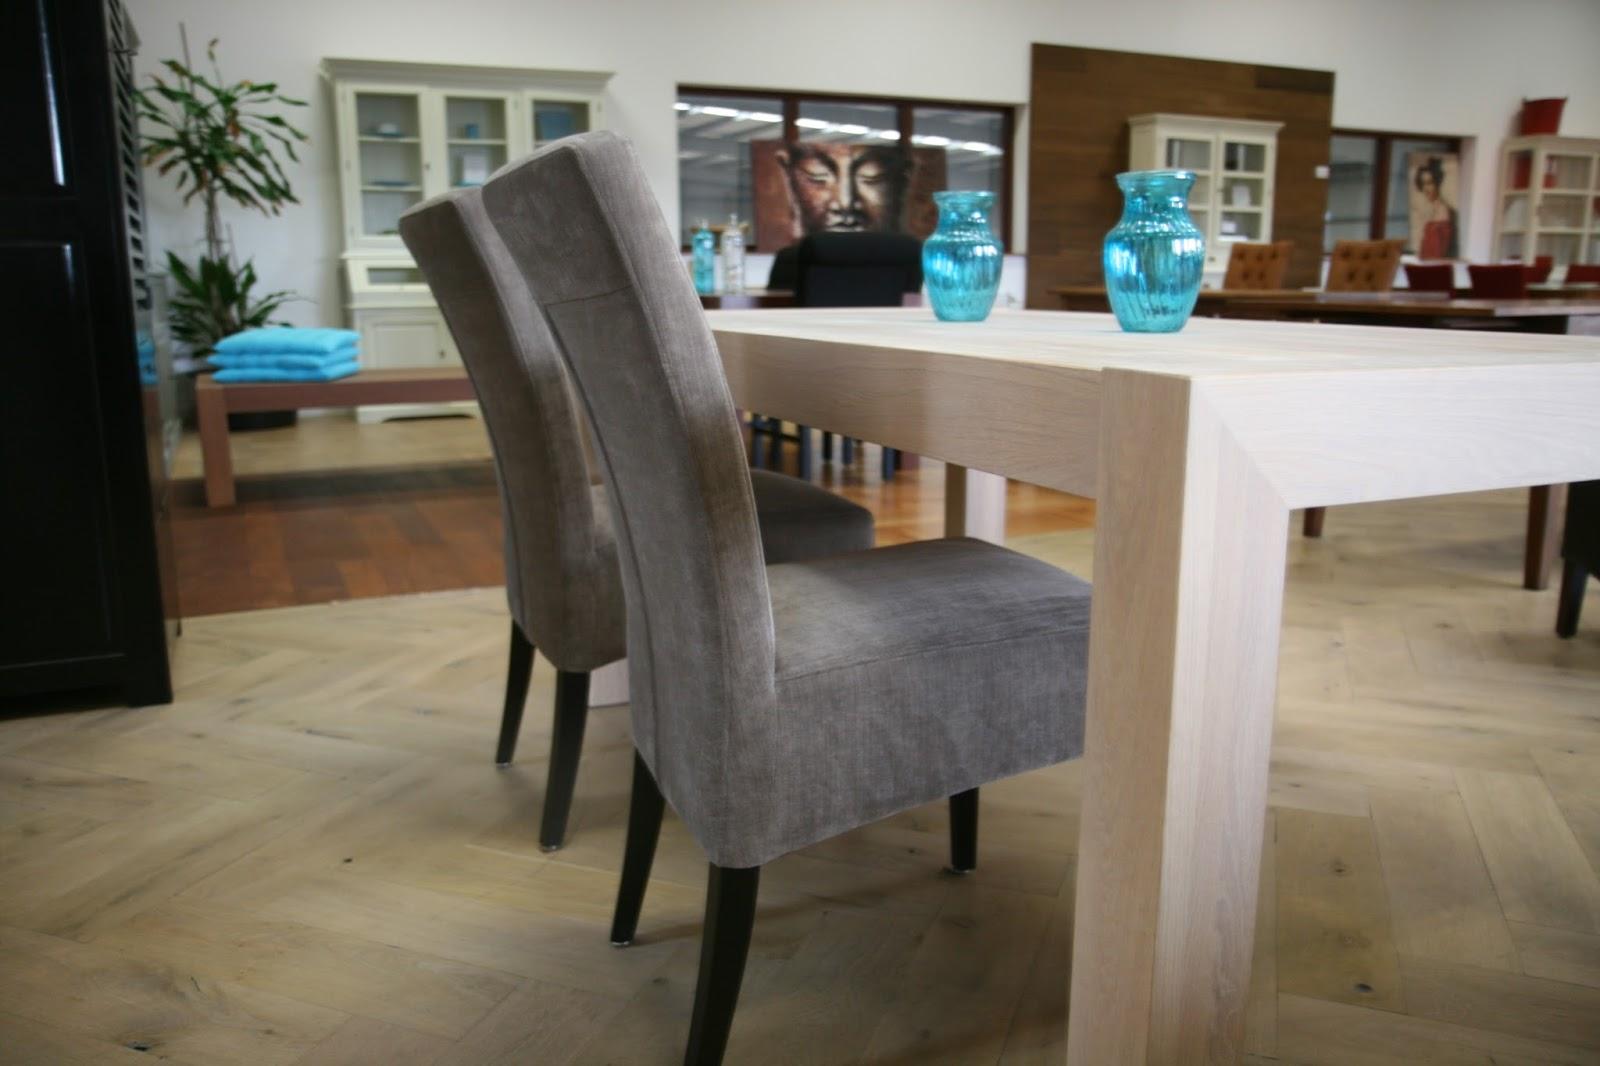 Strakke Houten Eettafel.Strakke Moderne Eettafel Norfolk